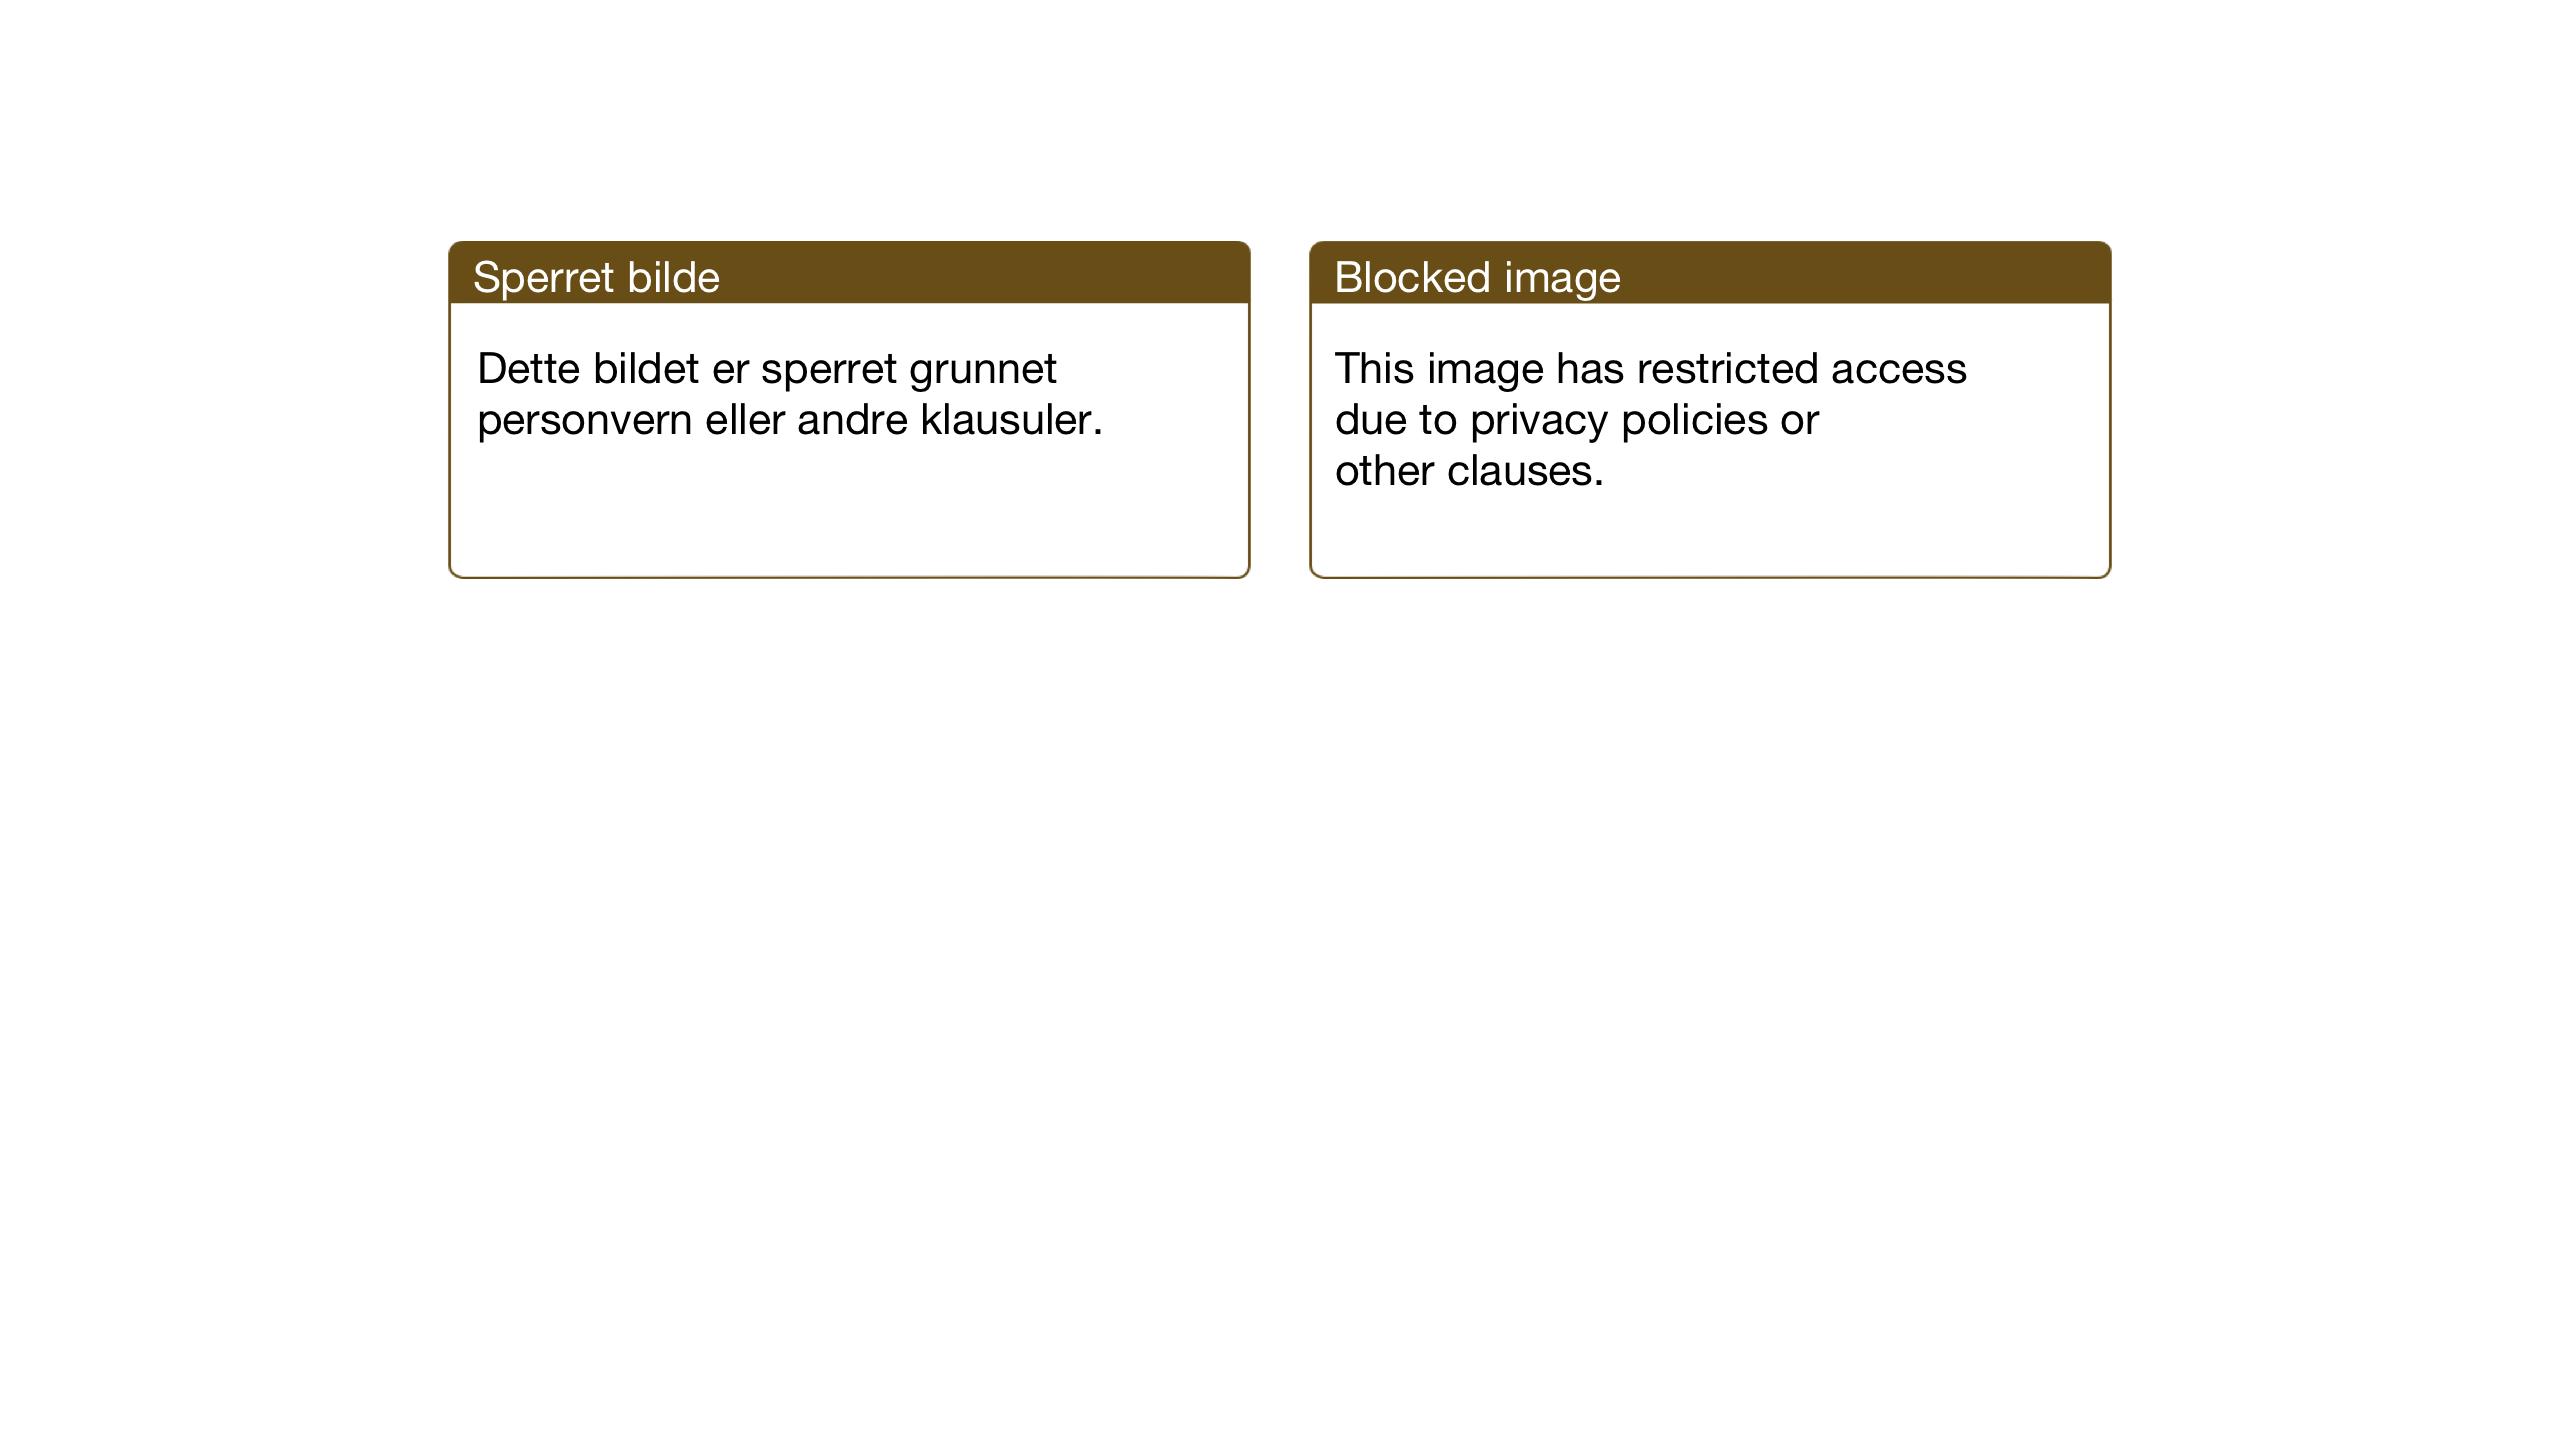 SAT, Ministerialprotokoller, klokkerbøker og fødselsregistre - Nord-Trøndelag, 722/L0227: Klokkerbok nr. 722C03, 1928-1958, s. 119